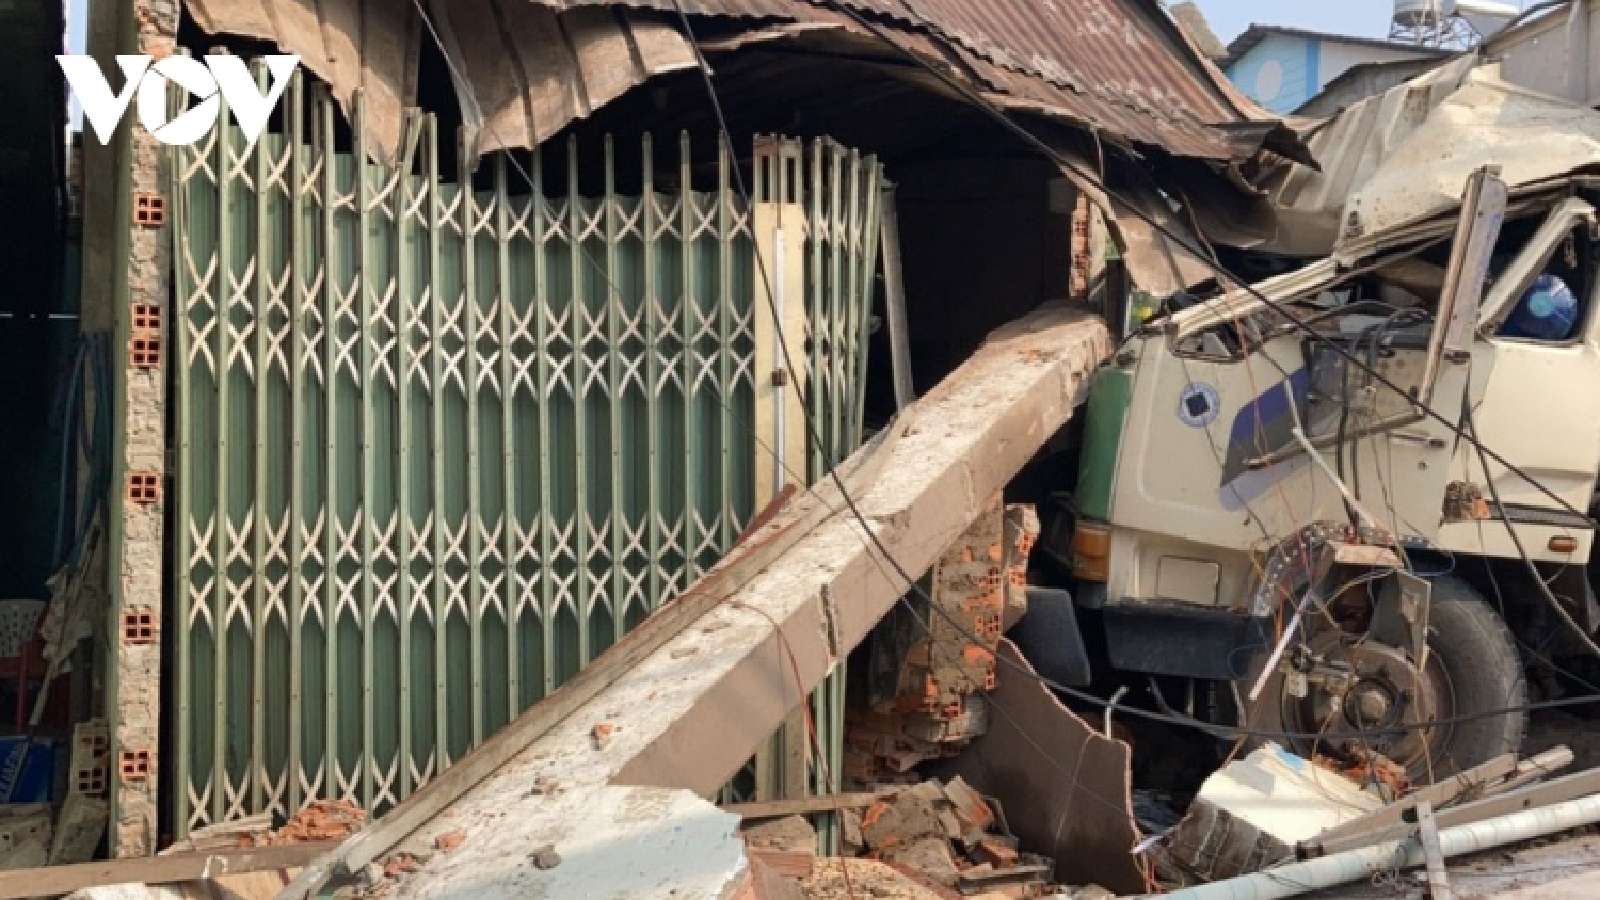 Ô tô đâm liên hoàn ở Đồng Nai, nhiều người bị thương nhập viện cấp cứu